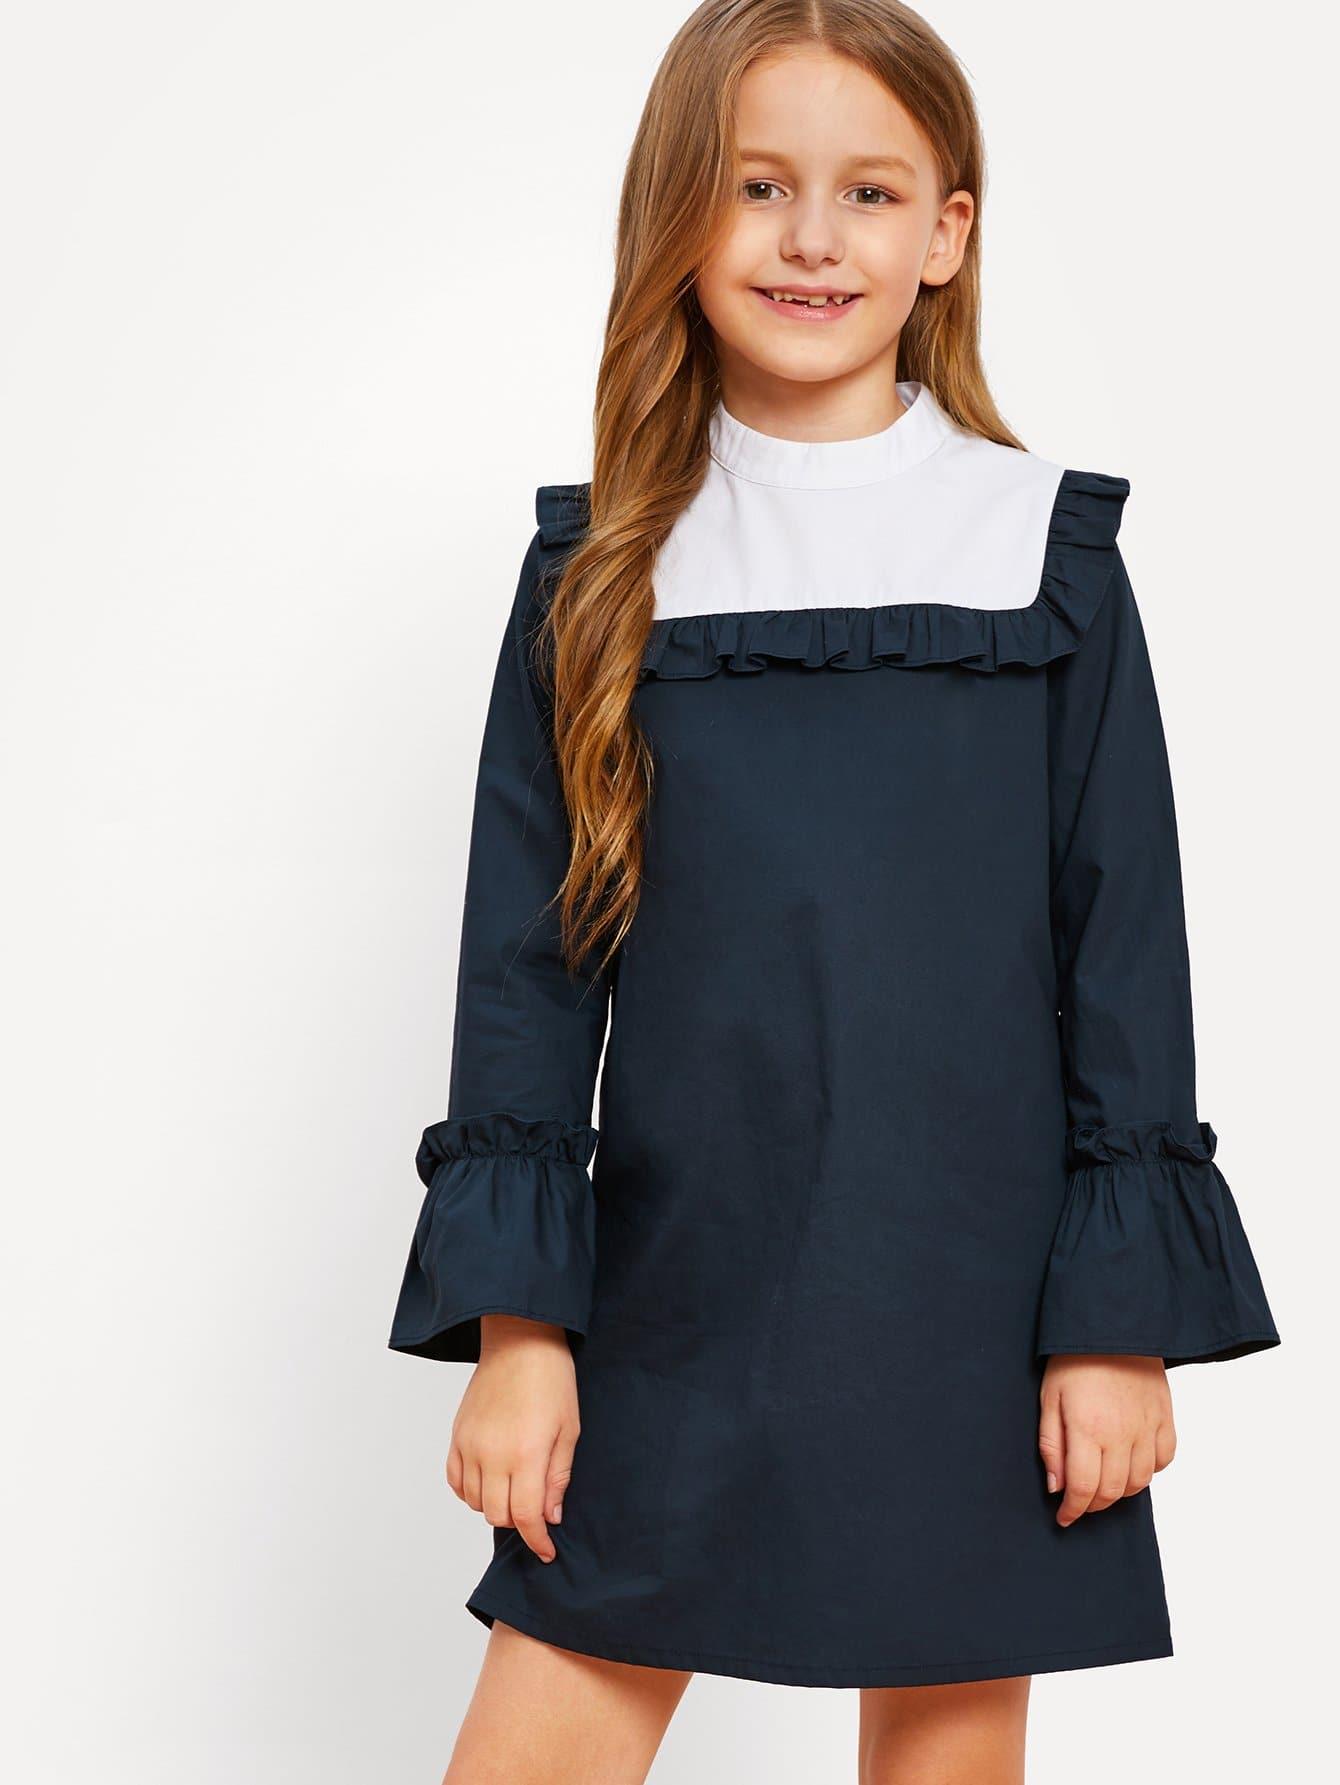 Купить Платье для девочек с трусиками для девочек, Sashab, SheIn